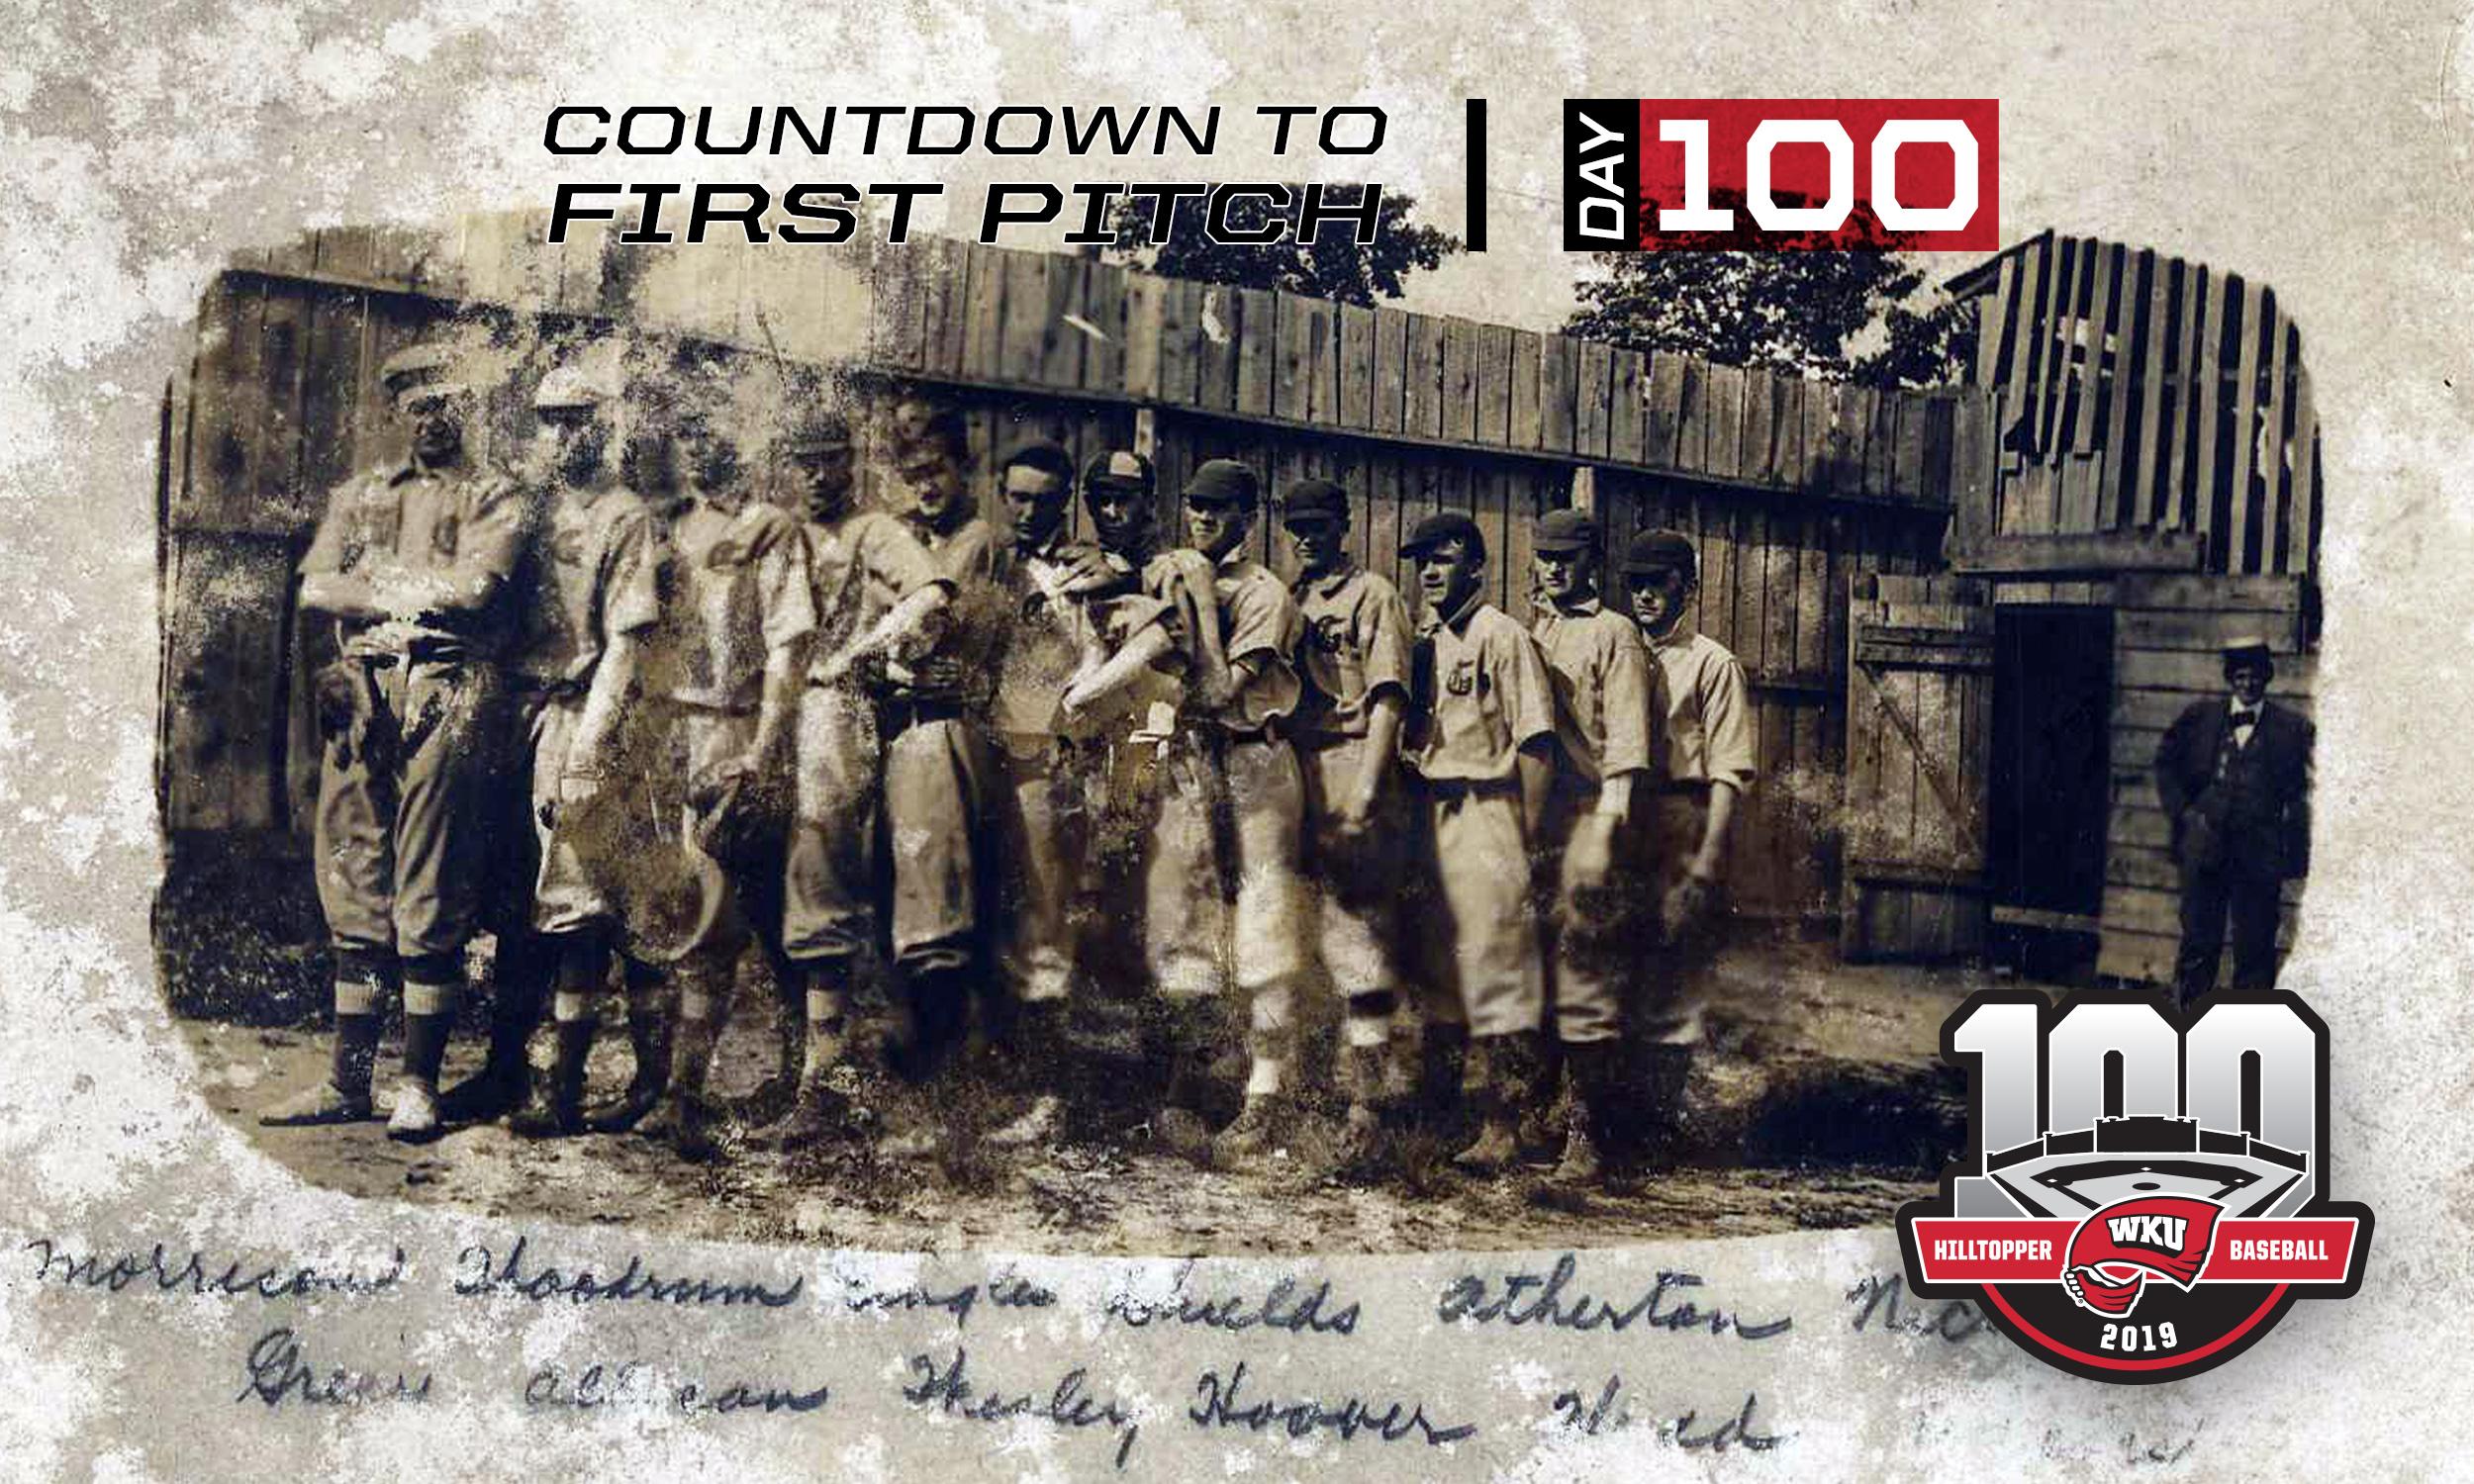 WKU-baseball-1910